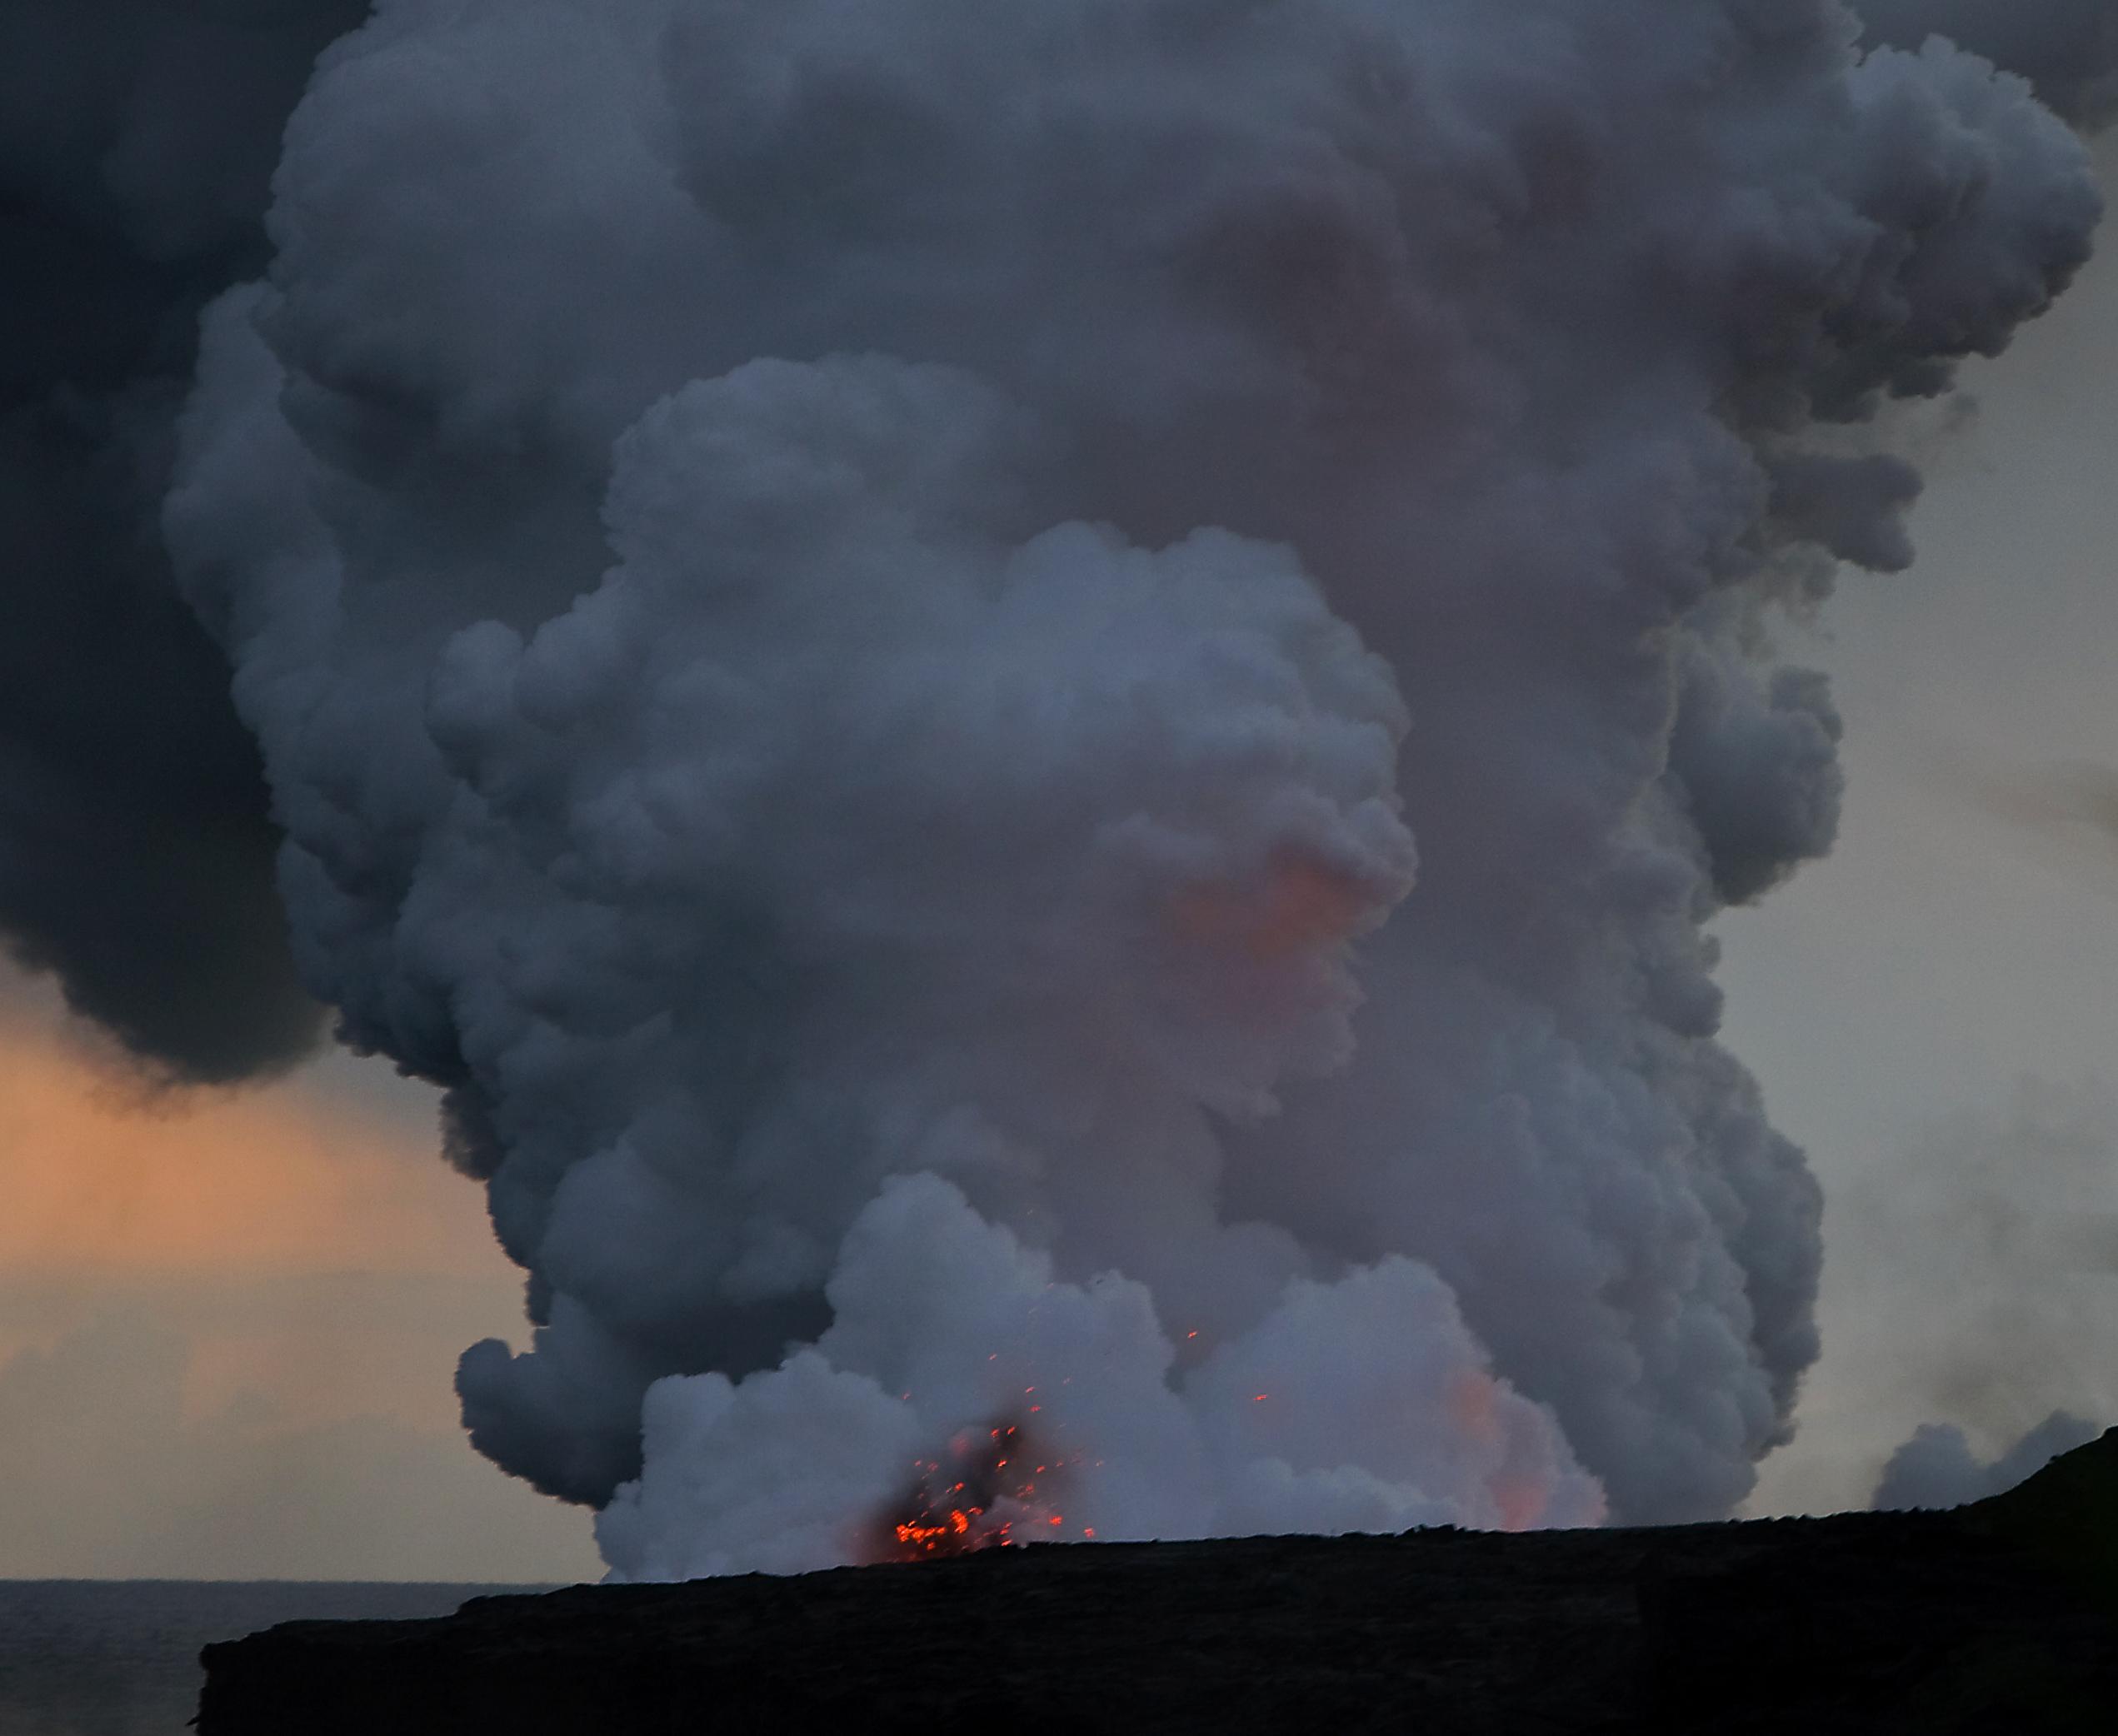 Kostenlose foto : Ozean, Wolke, Dampf, Dämmerung, Vulkan, Hawaii ...